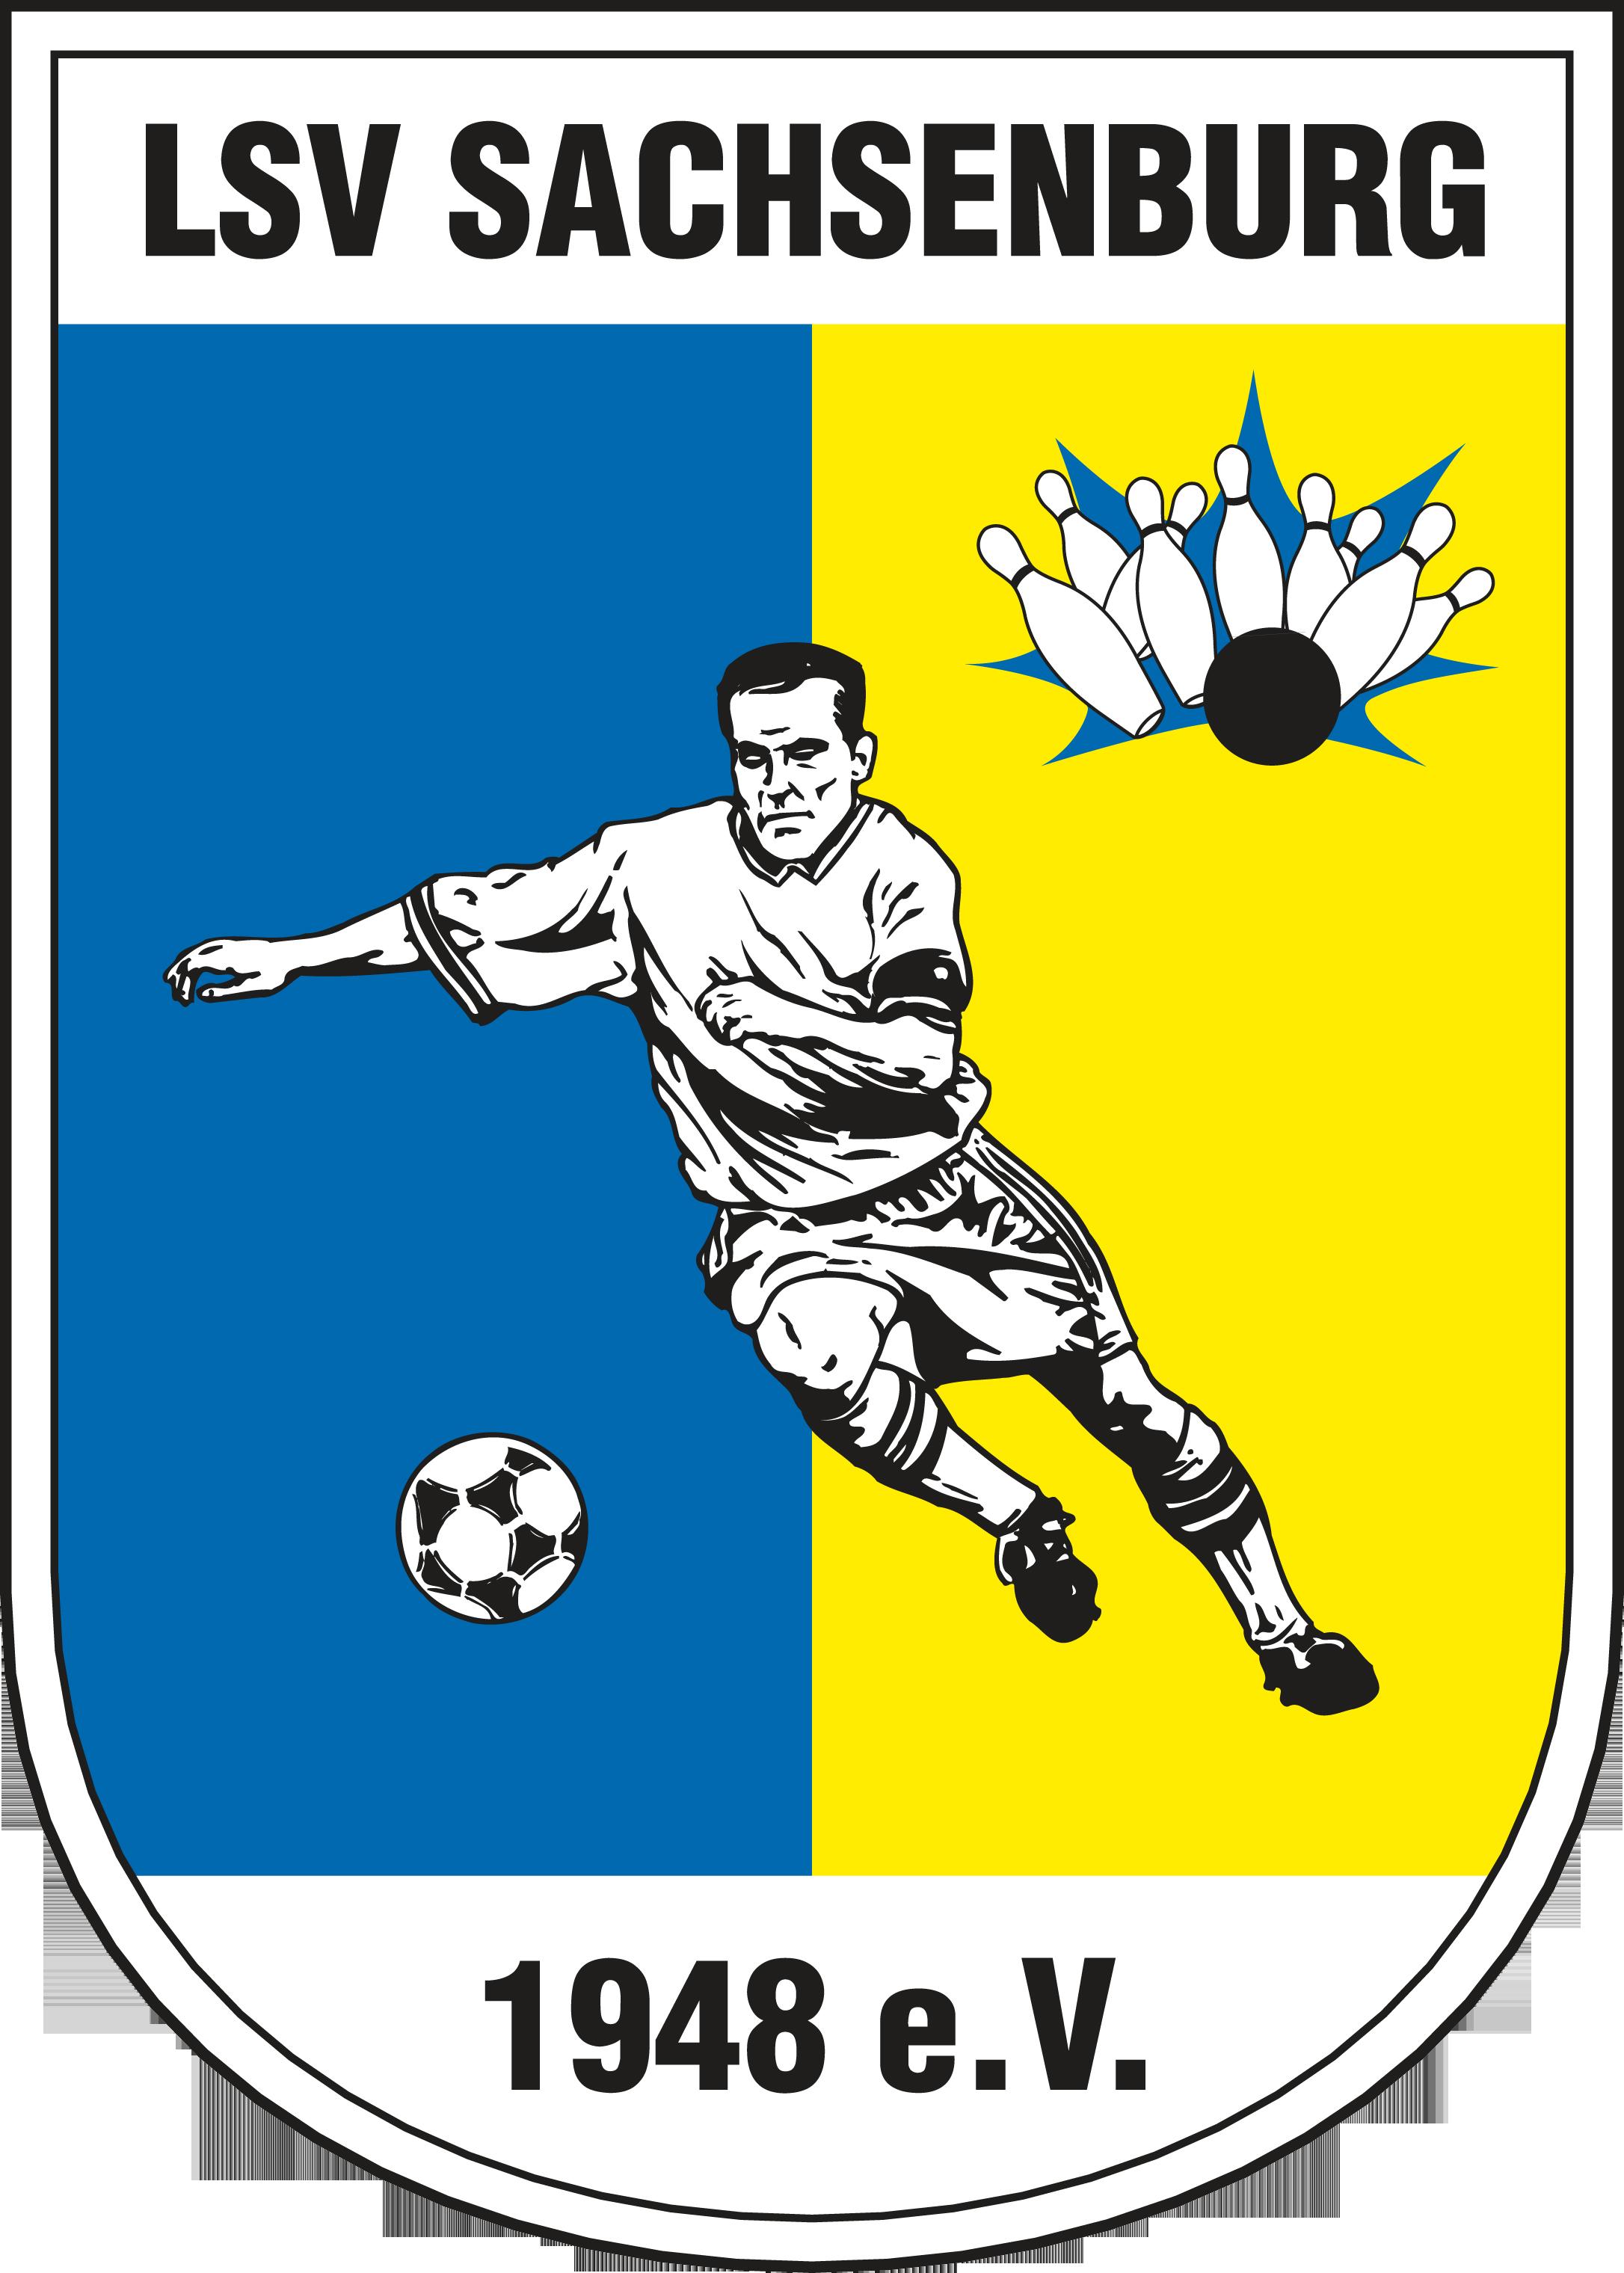 LSV Sachsenburg 1948 e.V.